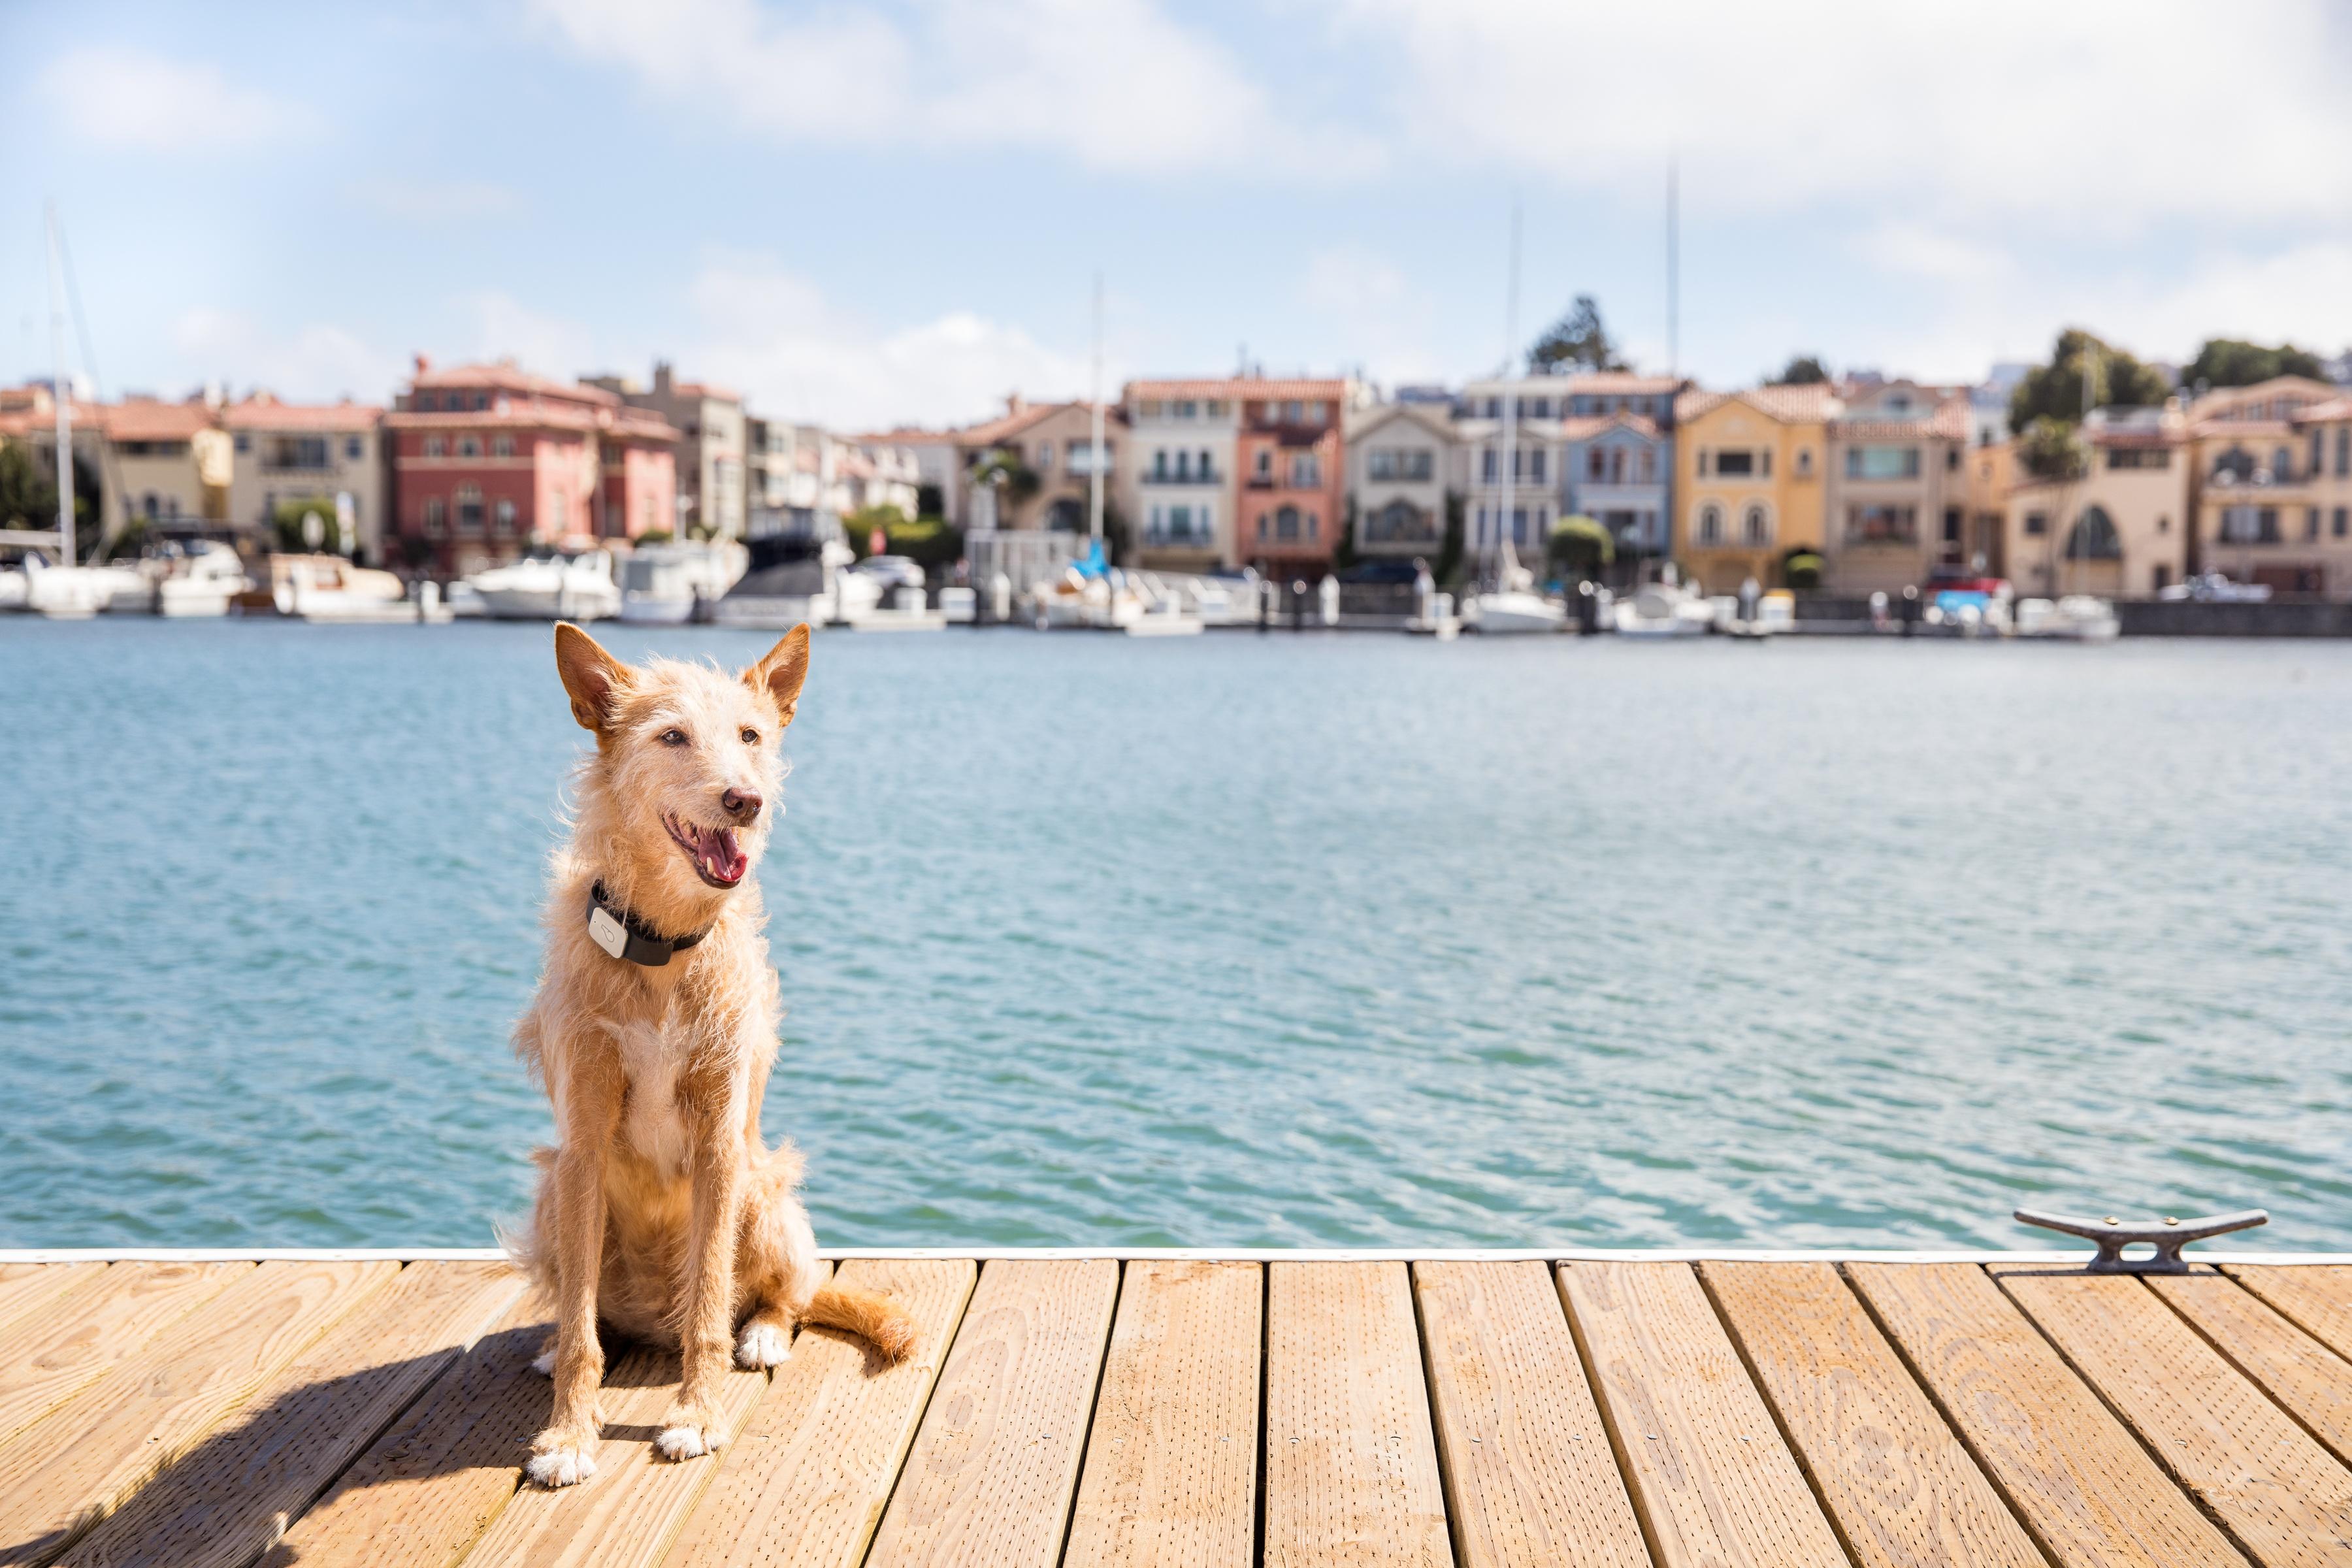 whistle-dog-dock.jpg